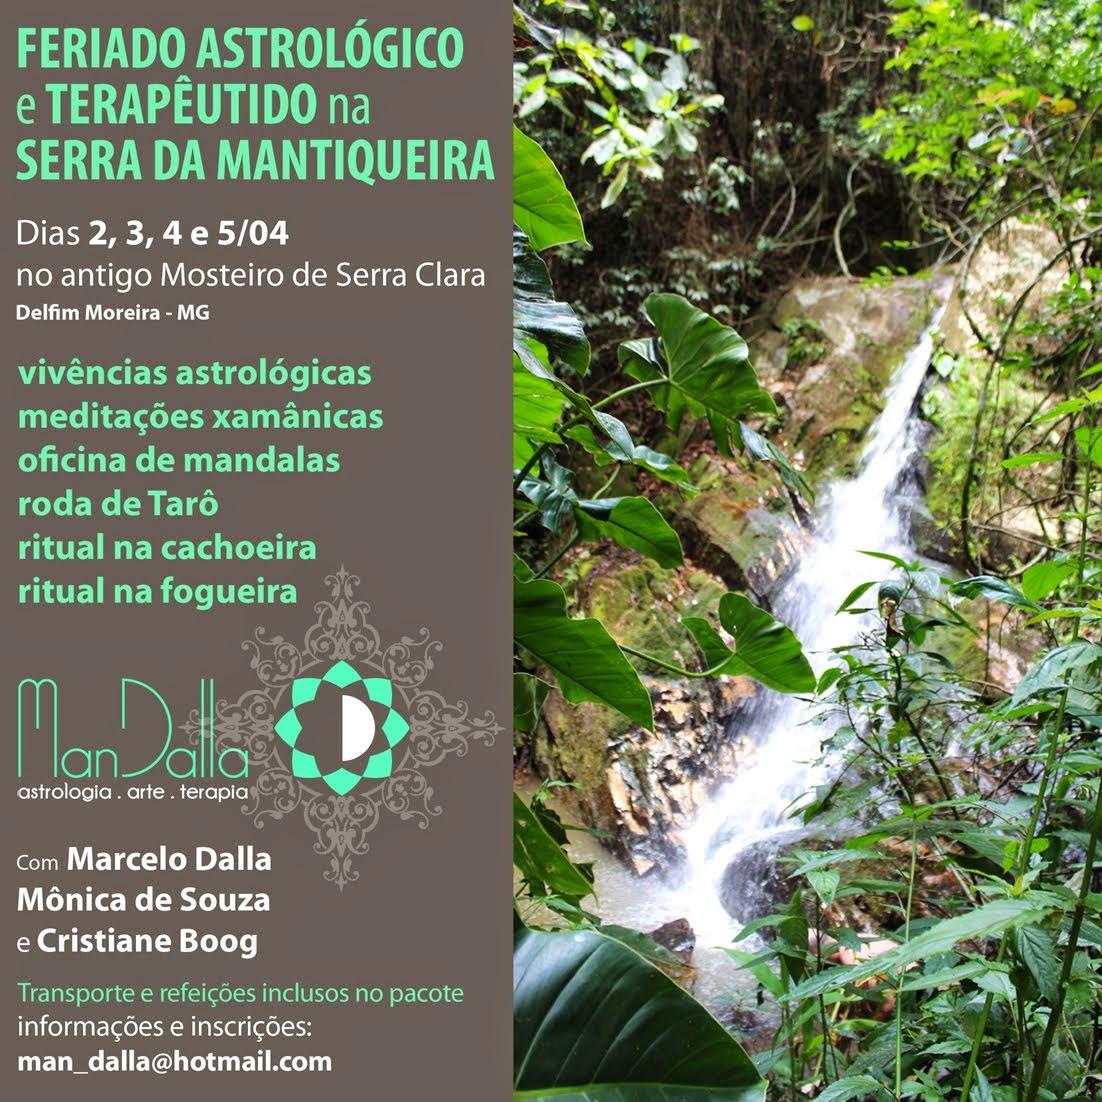 FERIADO ASTROLÓGICO E TERAPÊUTICO NA SERRA DA MANTIQUEIRA